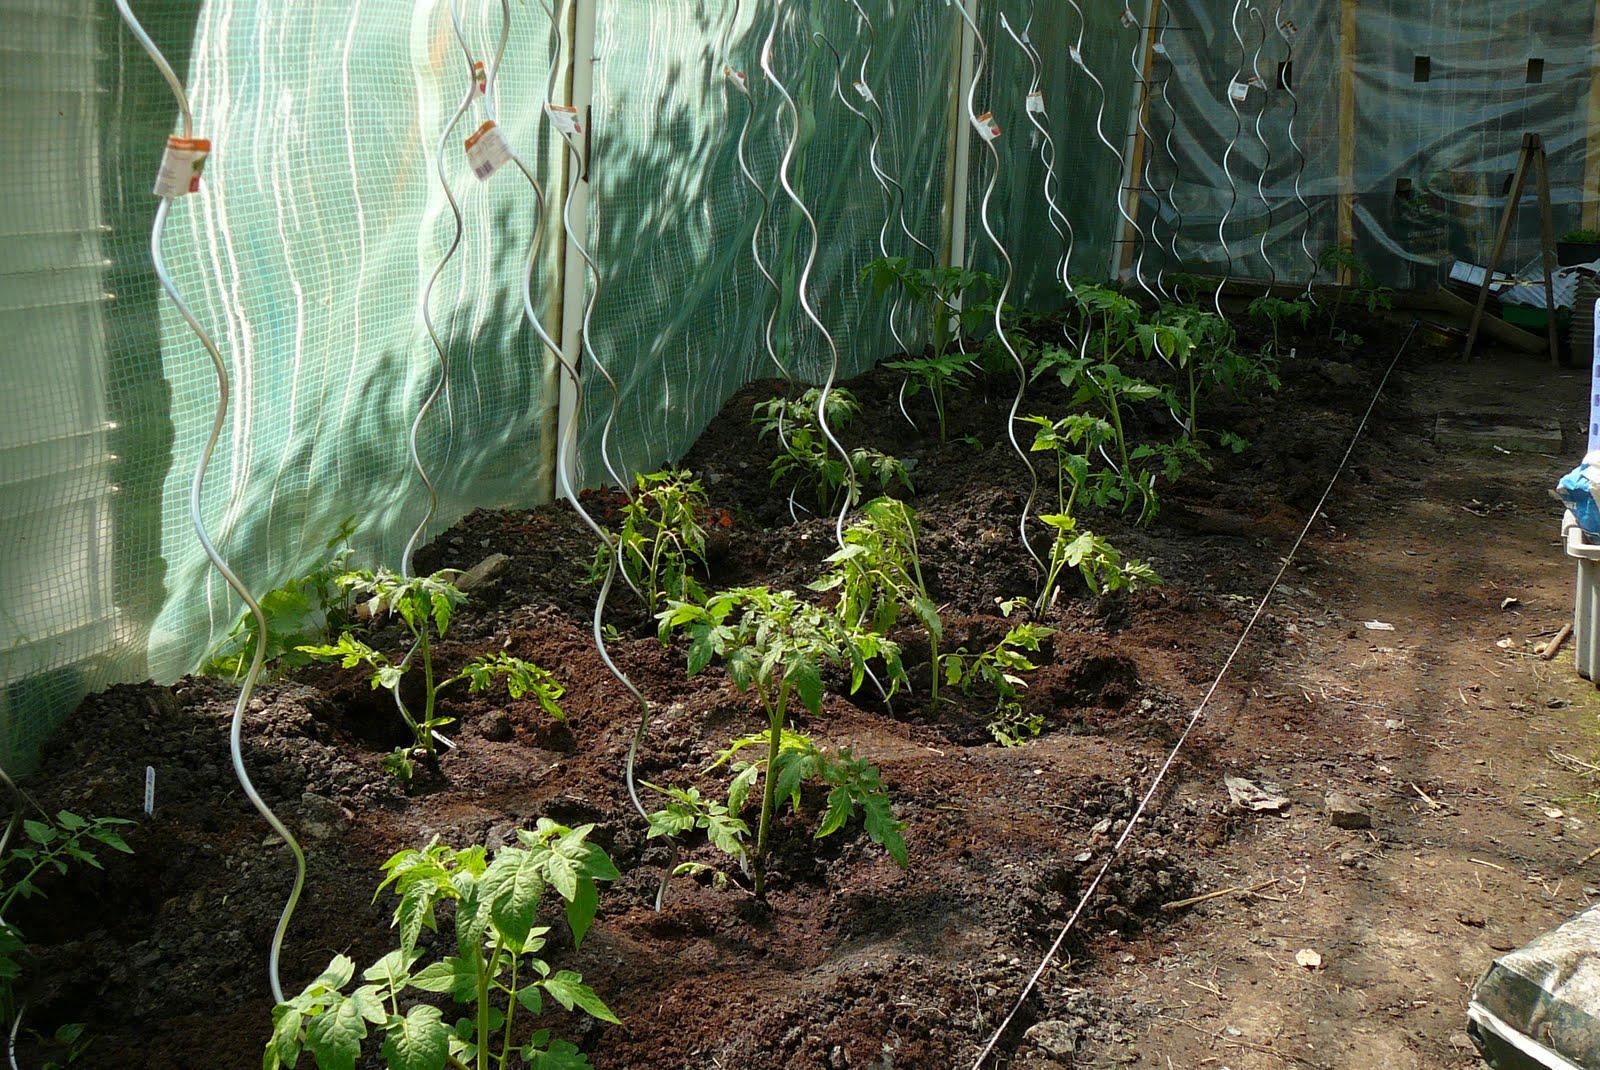 Les jardins du laveu ce samedi 7 mai plantation des tomates - Plantation de tomates ...